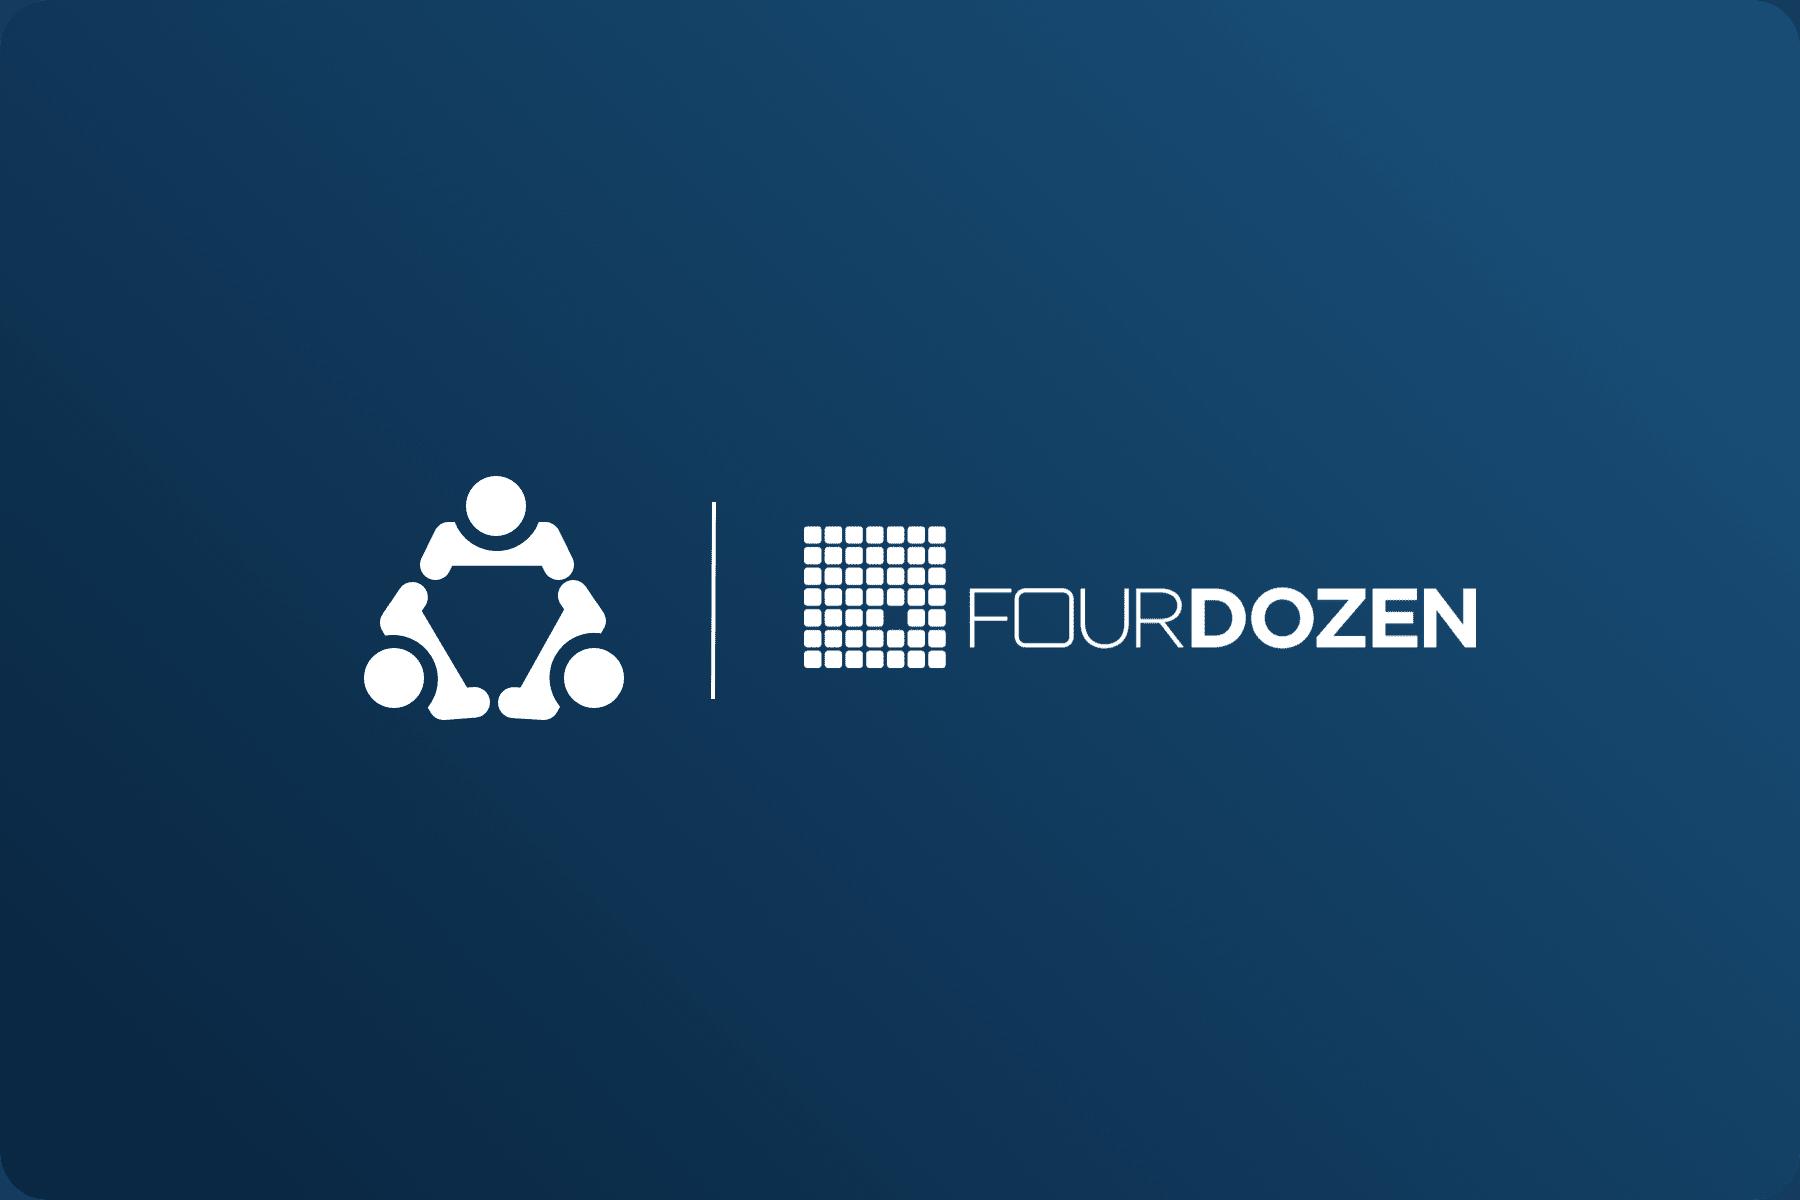 fourdozen-1